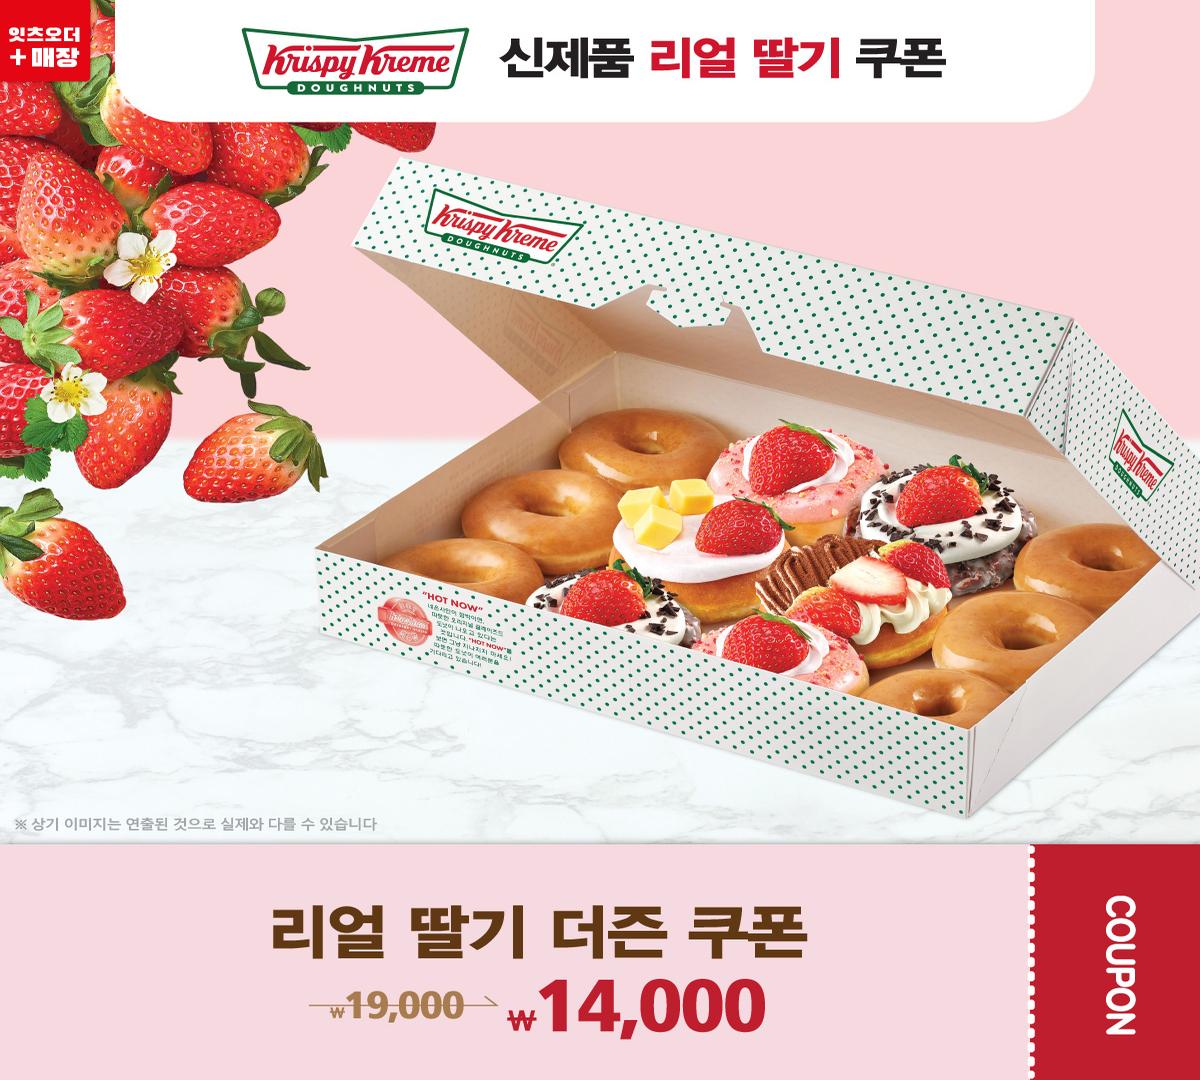 KKD) 리얼 딸기 더즌 할인